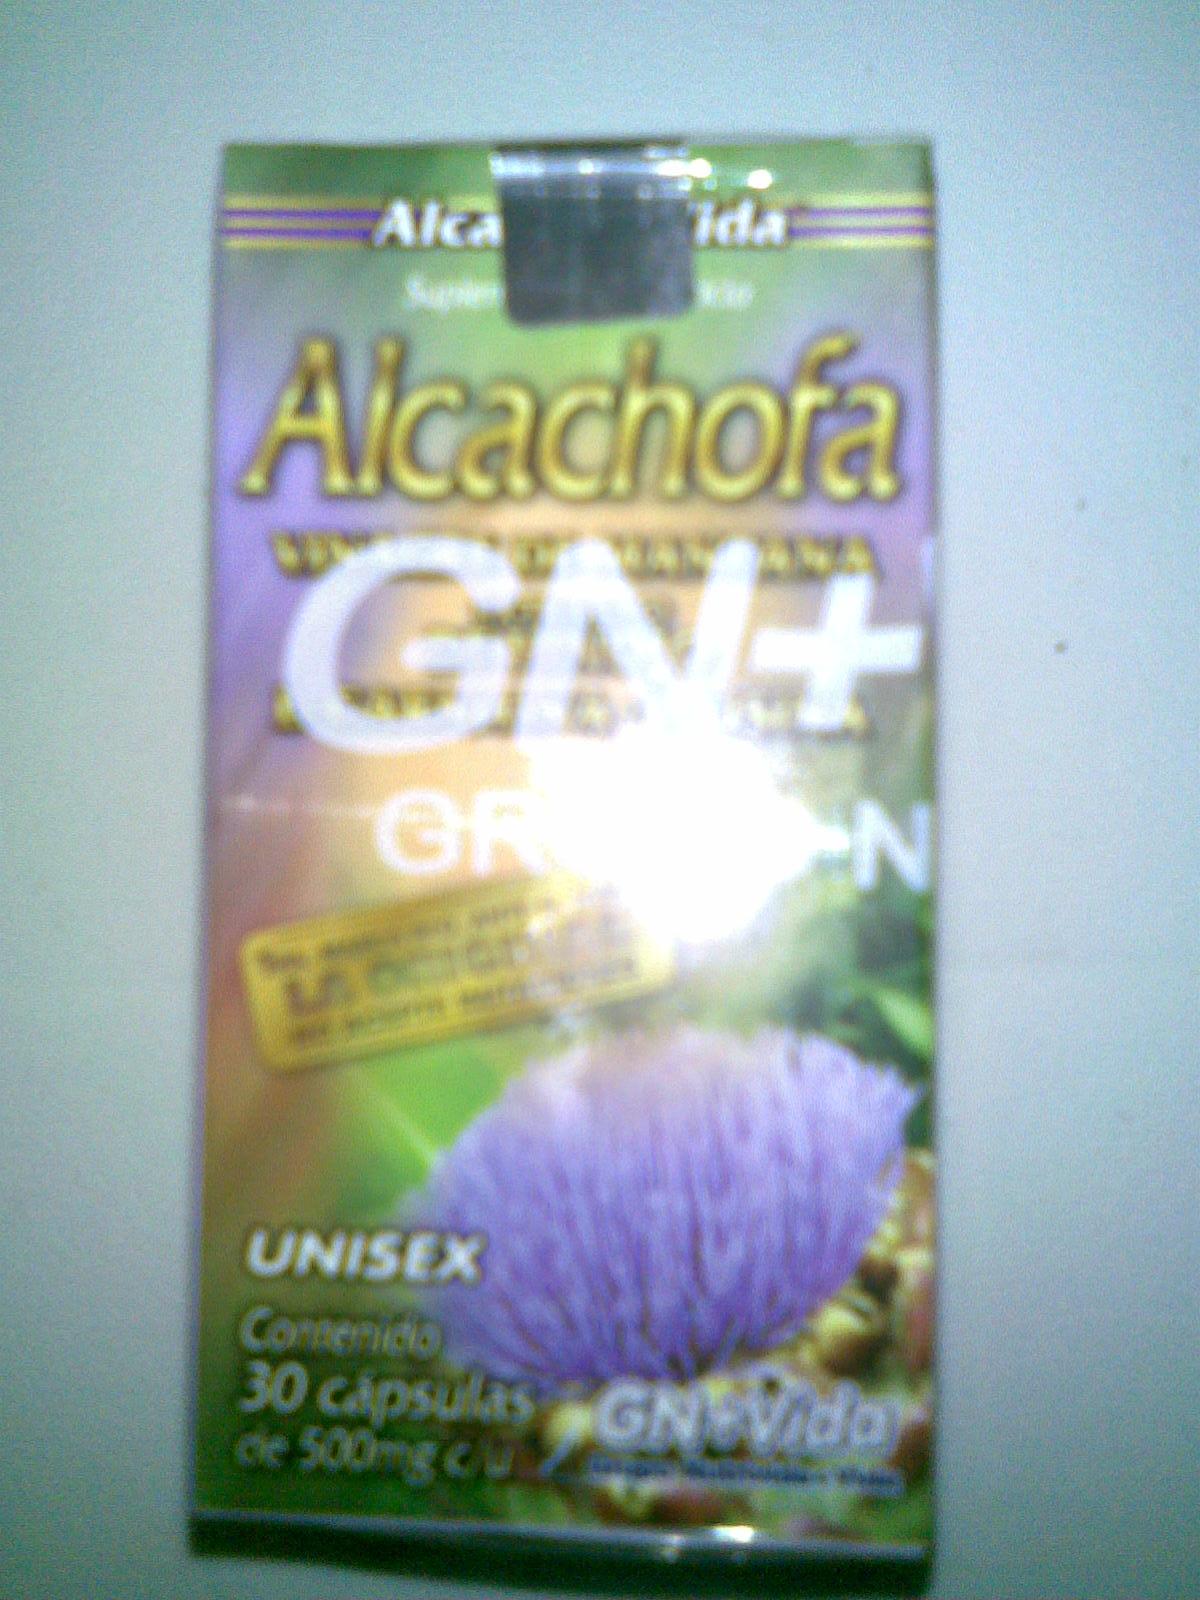 vinagre de manzana para bajar de peso en pastillas de alcachofa